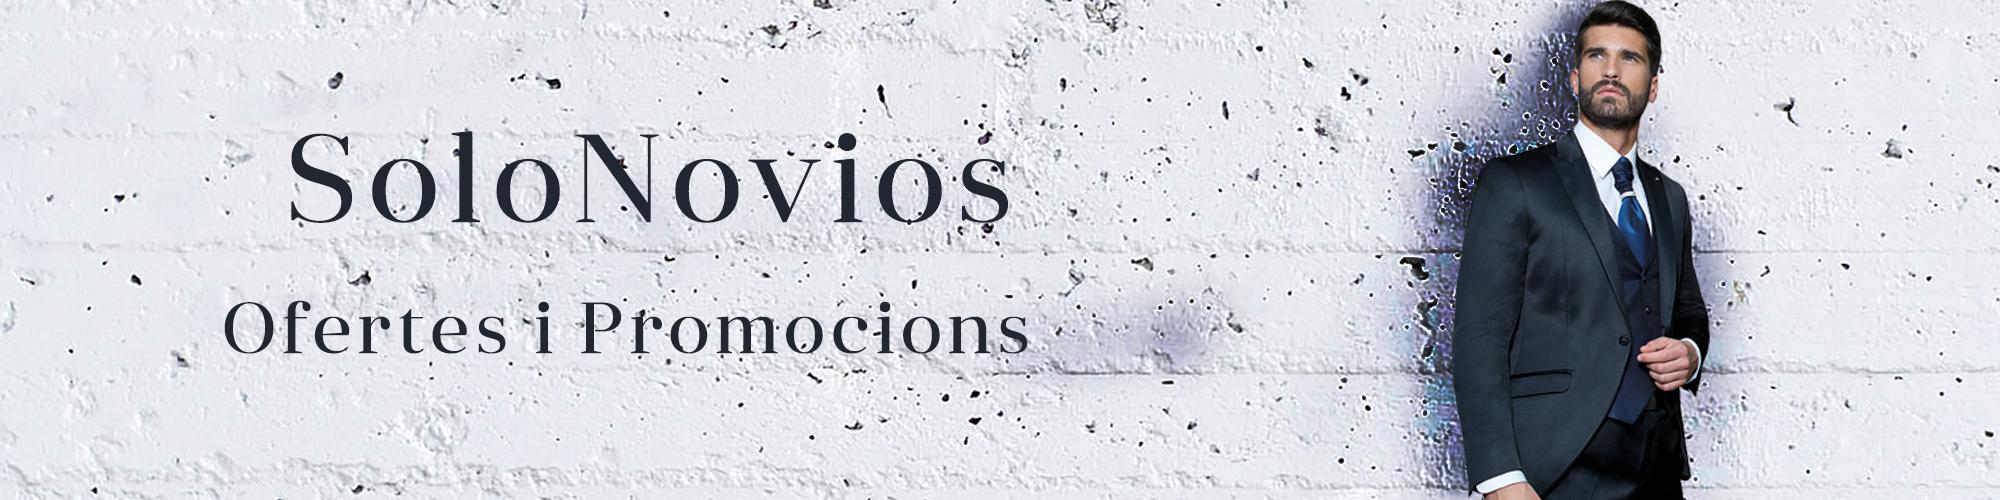 ofertas-y-promociones-solonovios-catalán